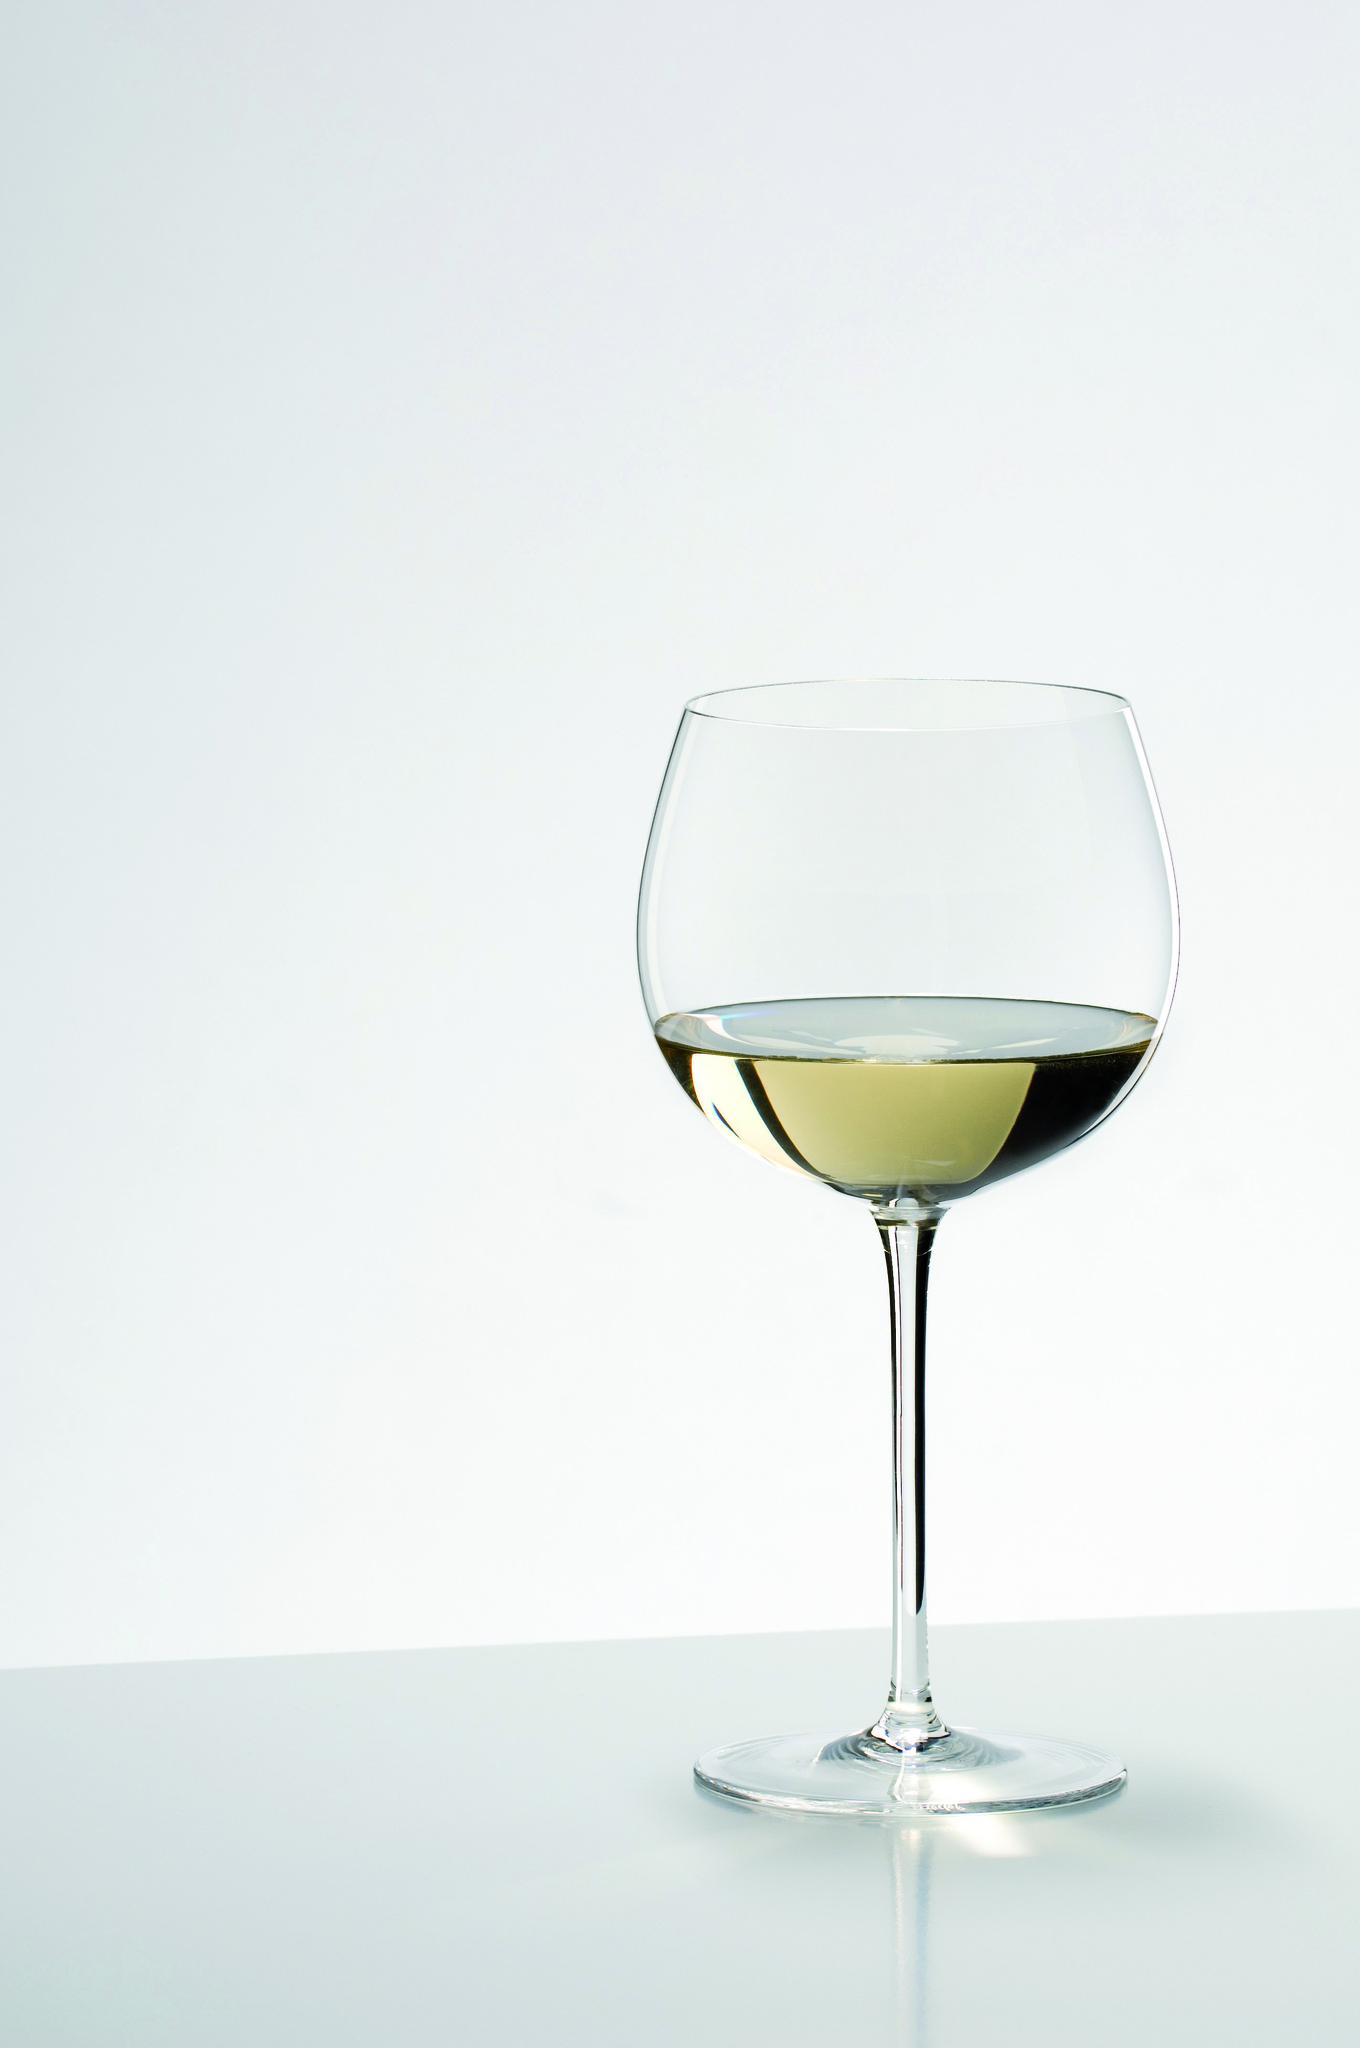 Бокалы Бокал для белого вина 500мл Riedel Sommeliers Montrachet bokal-dlya-belogo-vina-500-ml-riedel-montrachet-avstriya.jpg